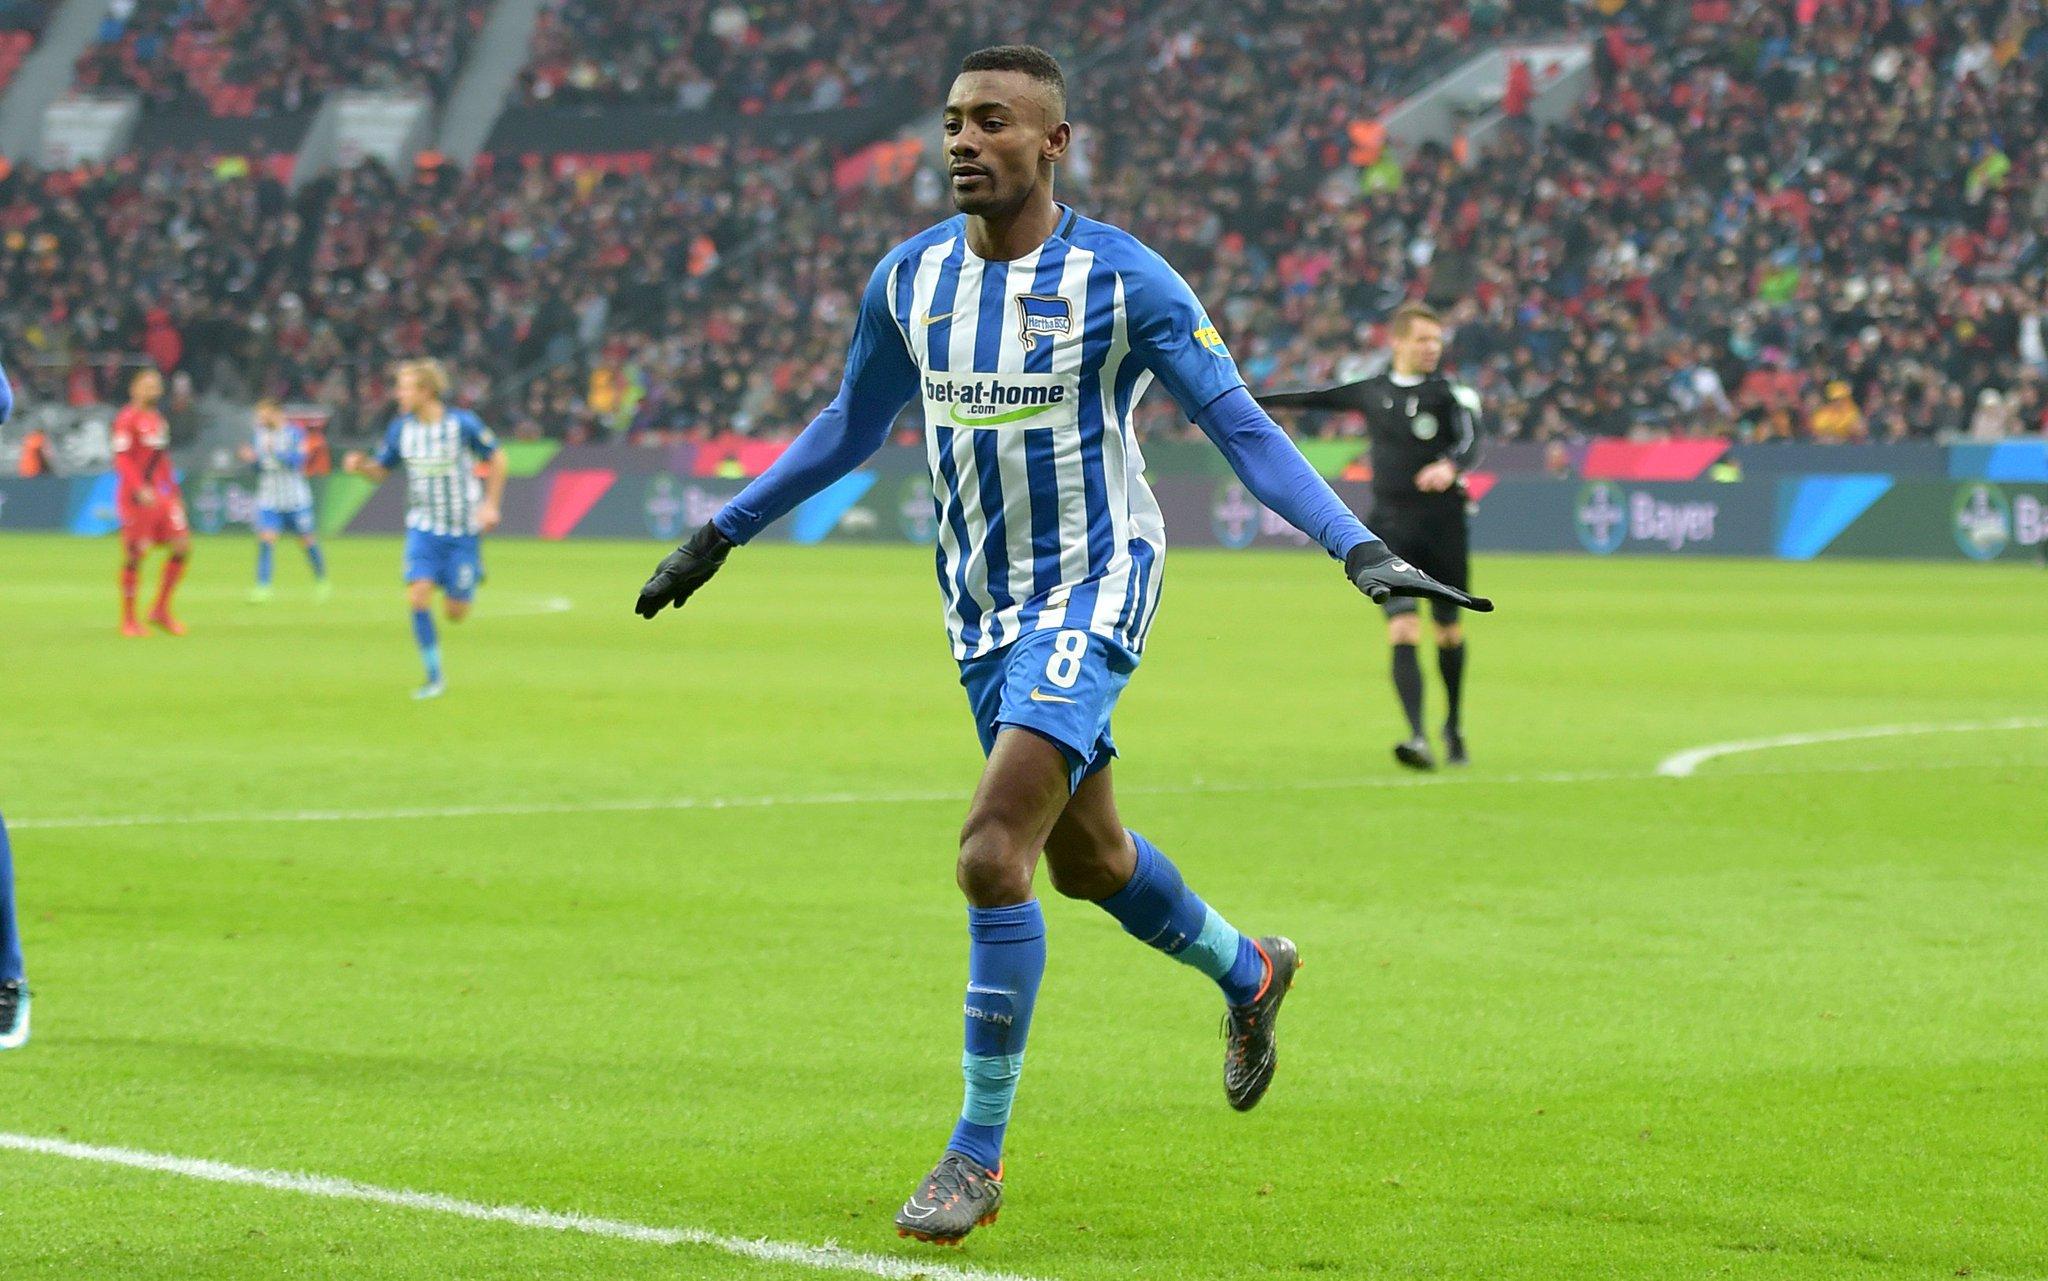 Bayer Leverkusen 0-2 Hertha BSC Highlights